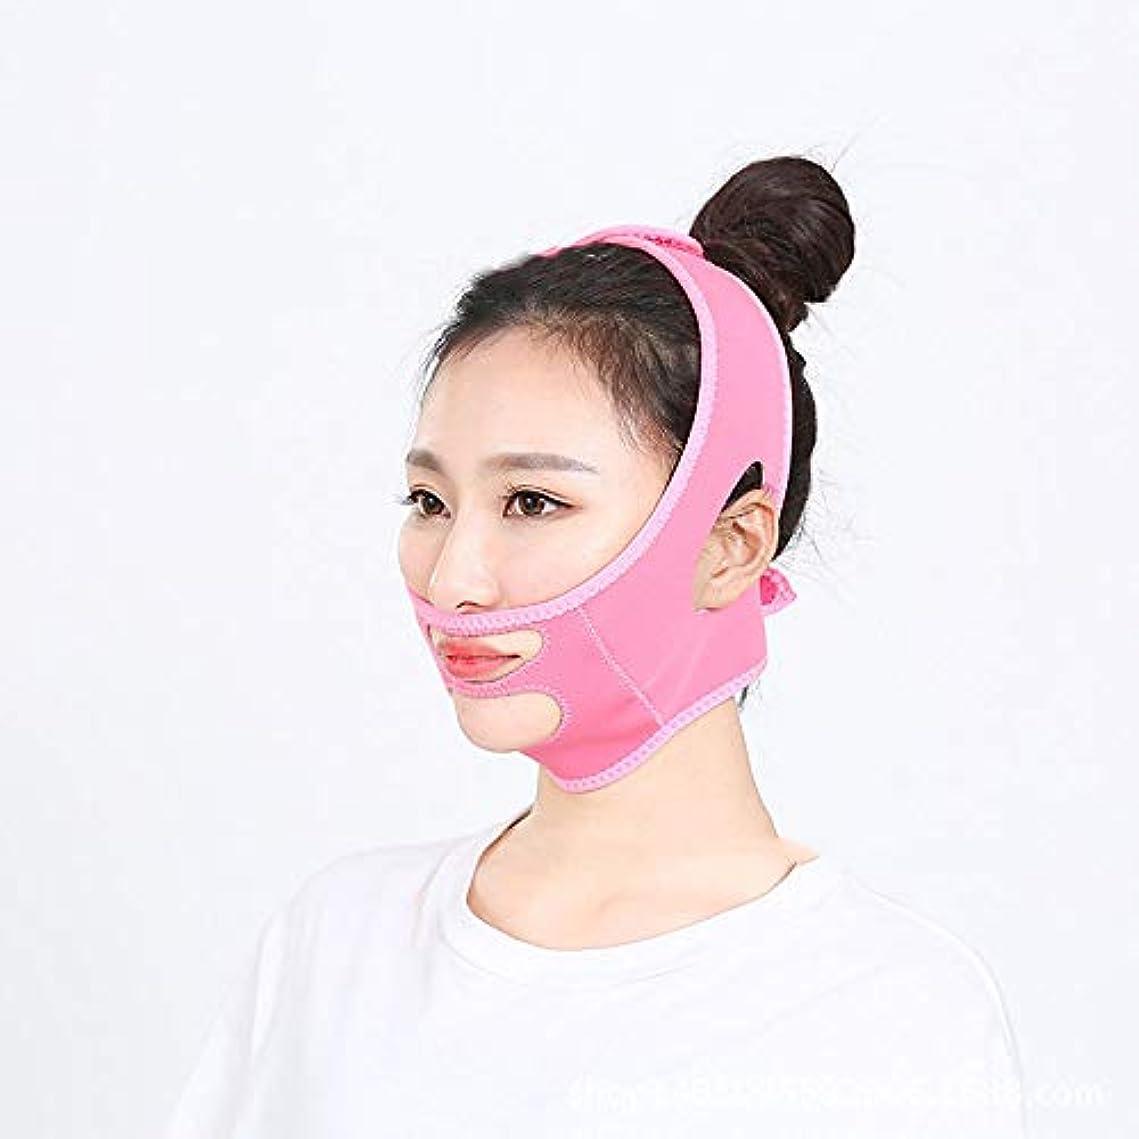 リッチレインコート間違いなくフェイスリフトマスク包帯、フェイスリフティングアーティファクト/vフェイススリープマスク/フェイスリフト補正メロンフェイスシェイパー(ブルー/パープル/ピンク),Pink